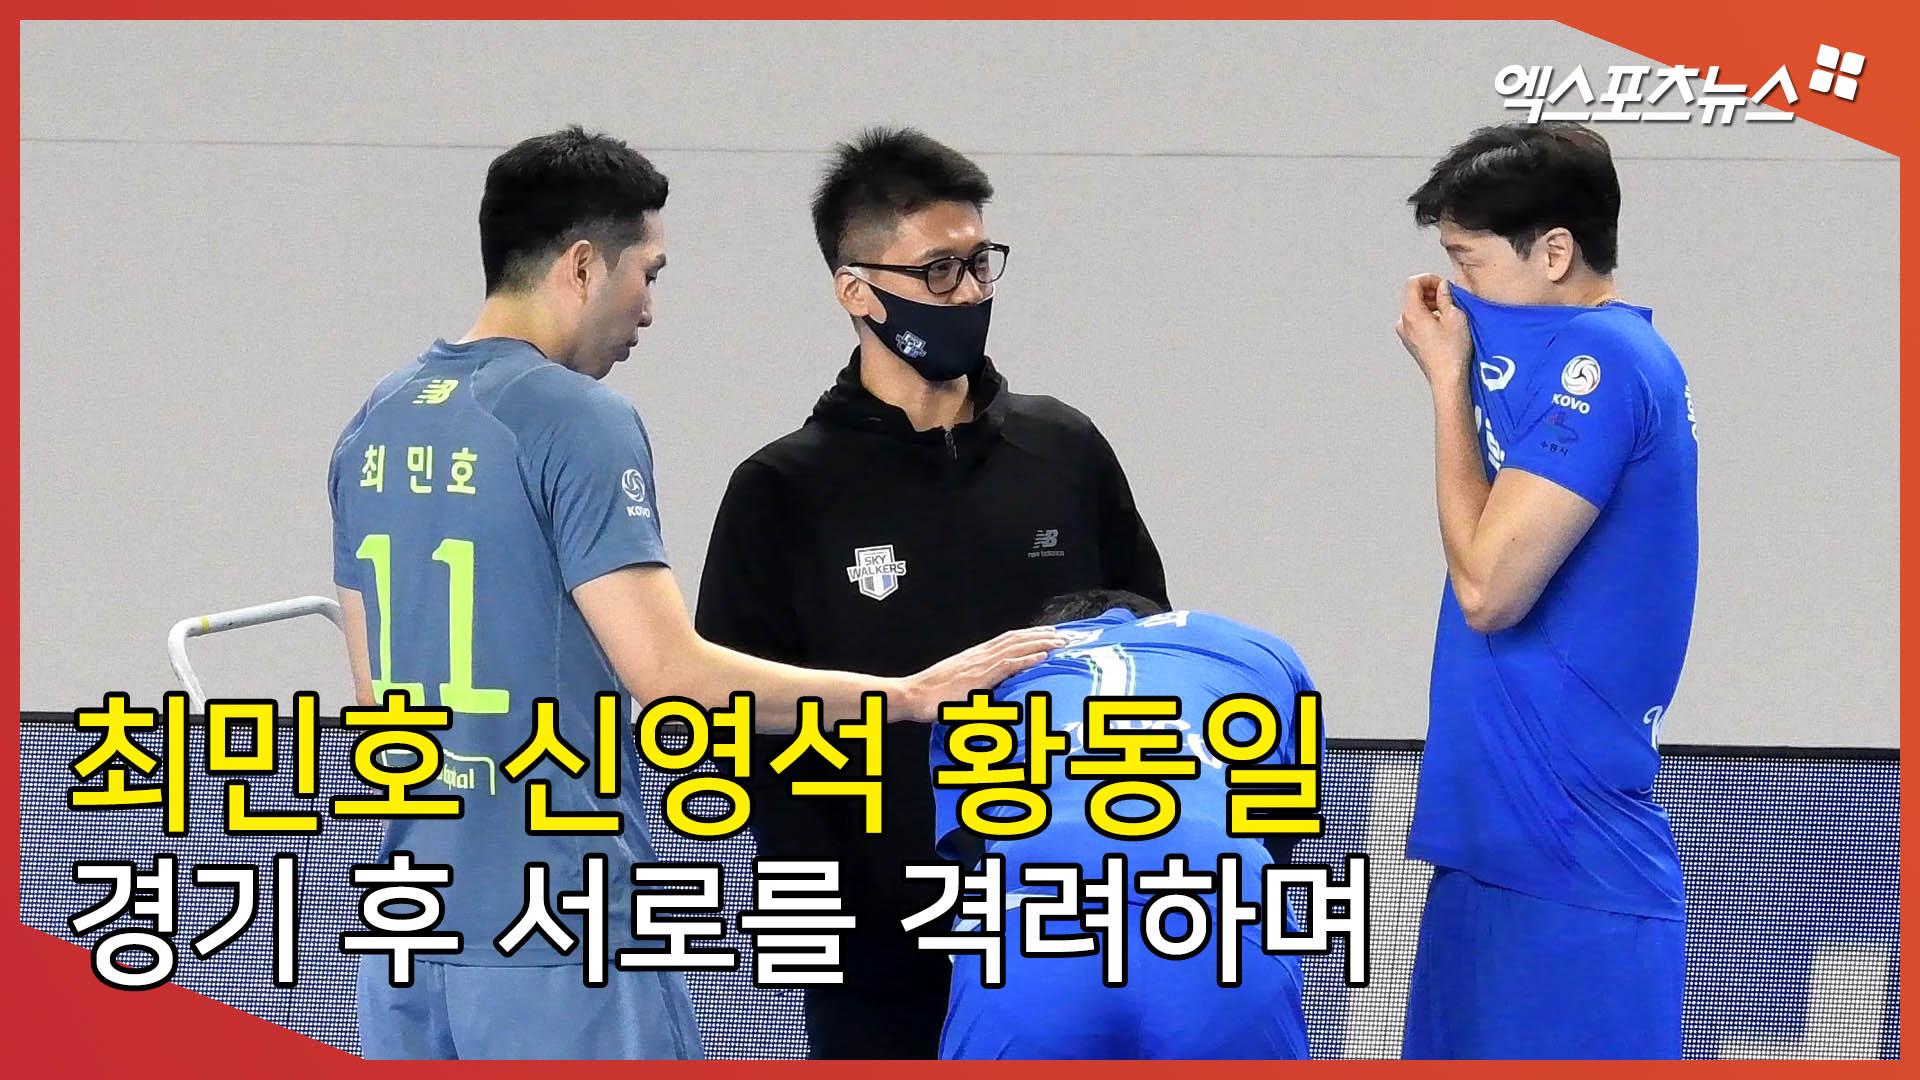 최민호-신영석-황동일, 경기 후 서로를 격려하며[엑's 스케치]